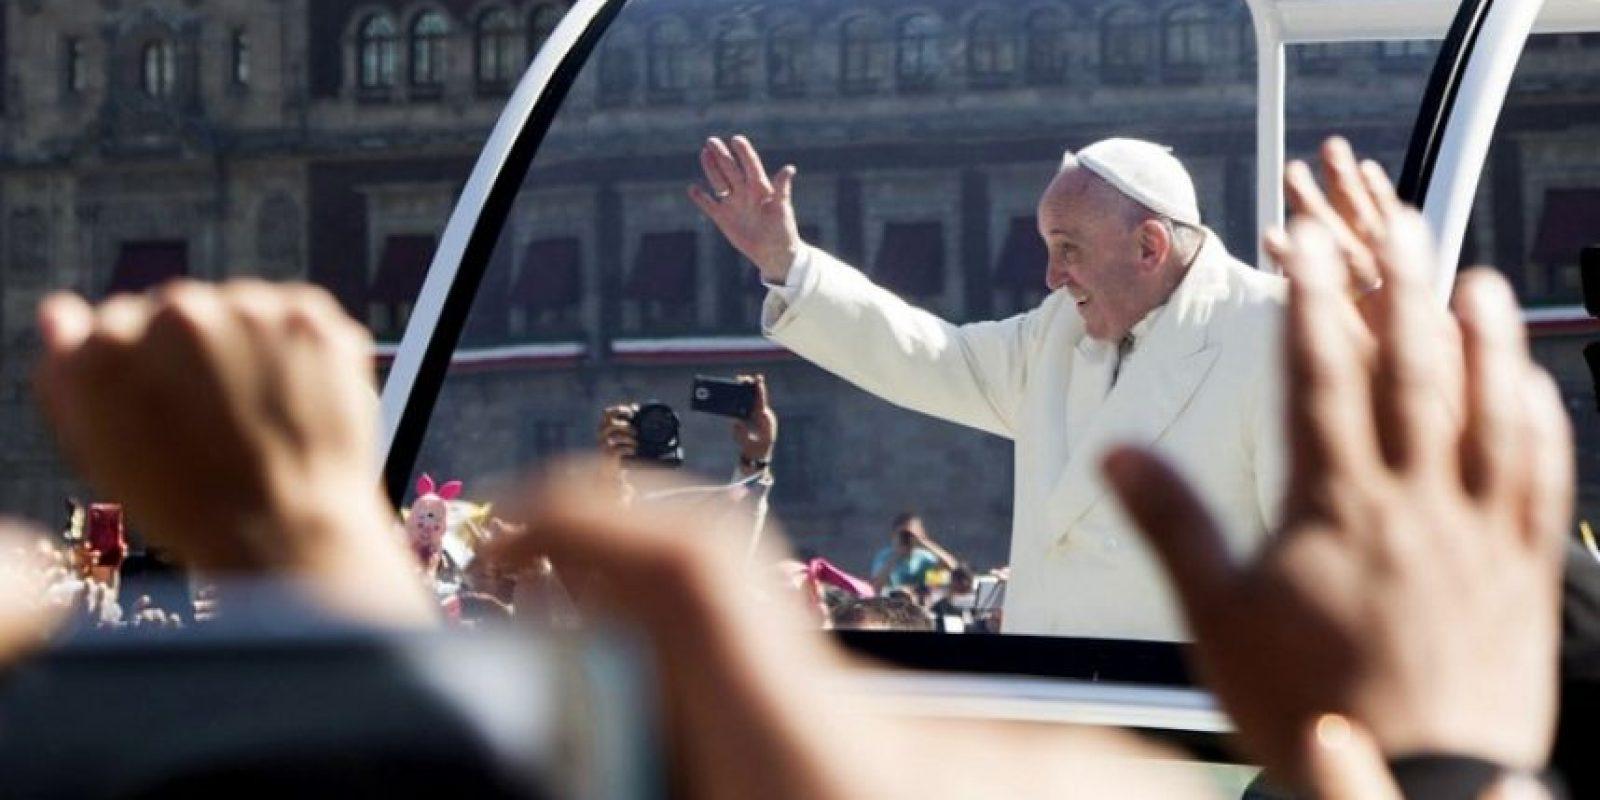 El papa Francisco saluda a los fieles católicos reunidos para darle la bienvenida a su llegada a México. Foto:AFP